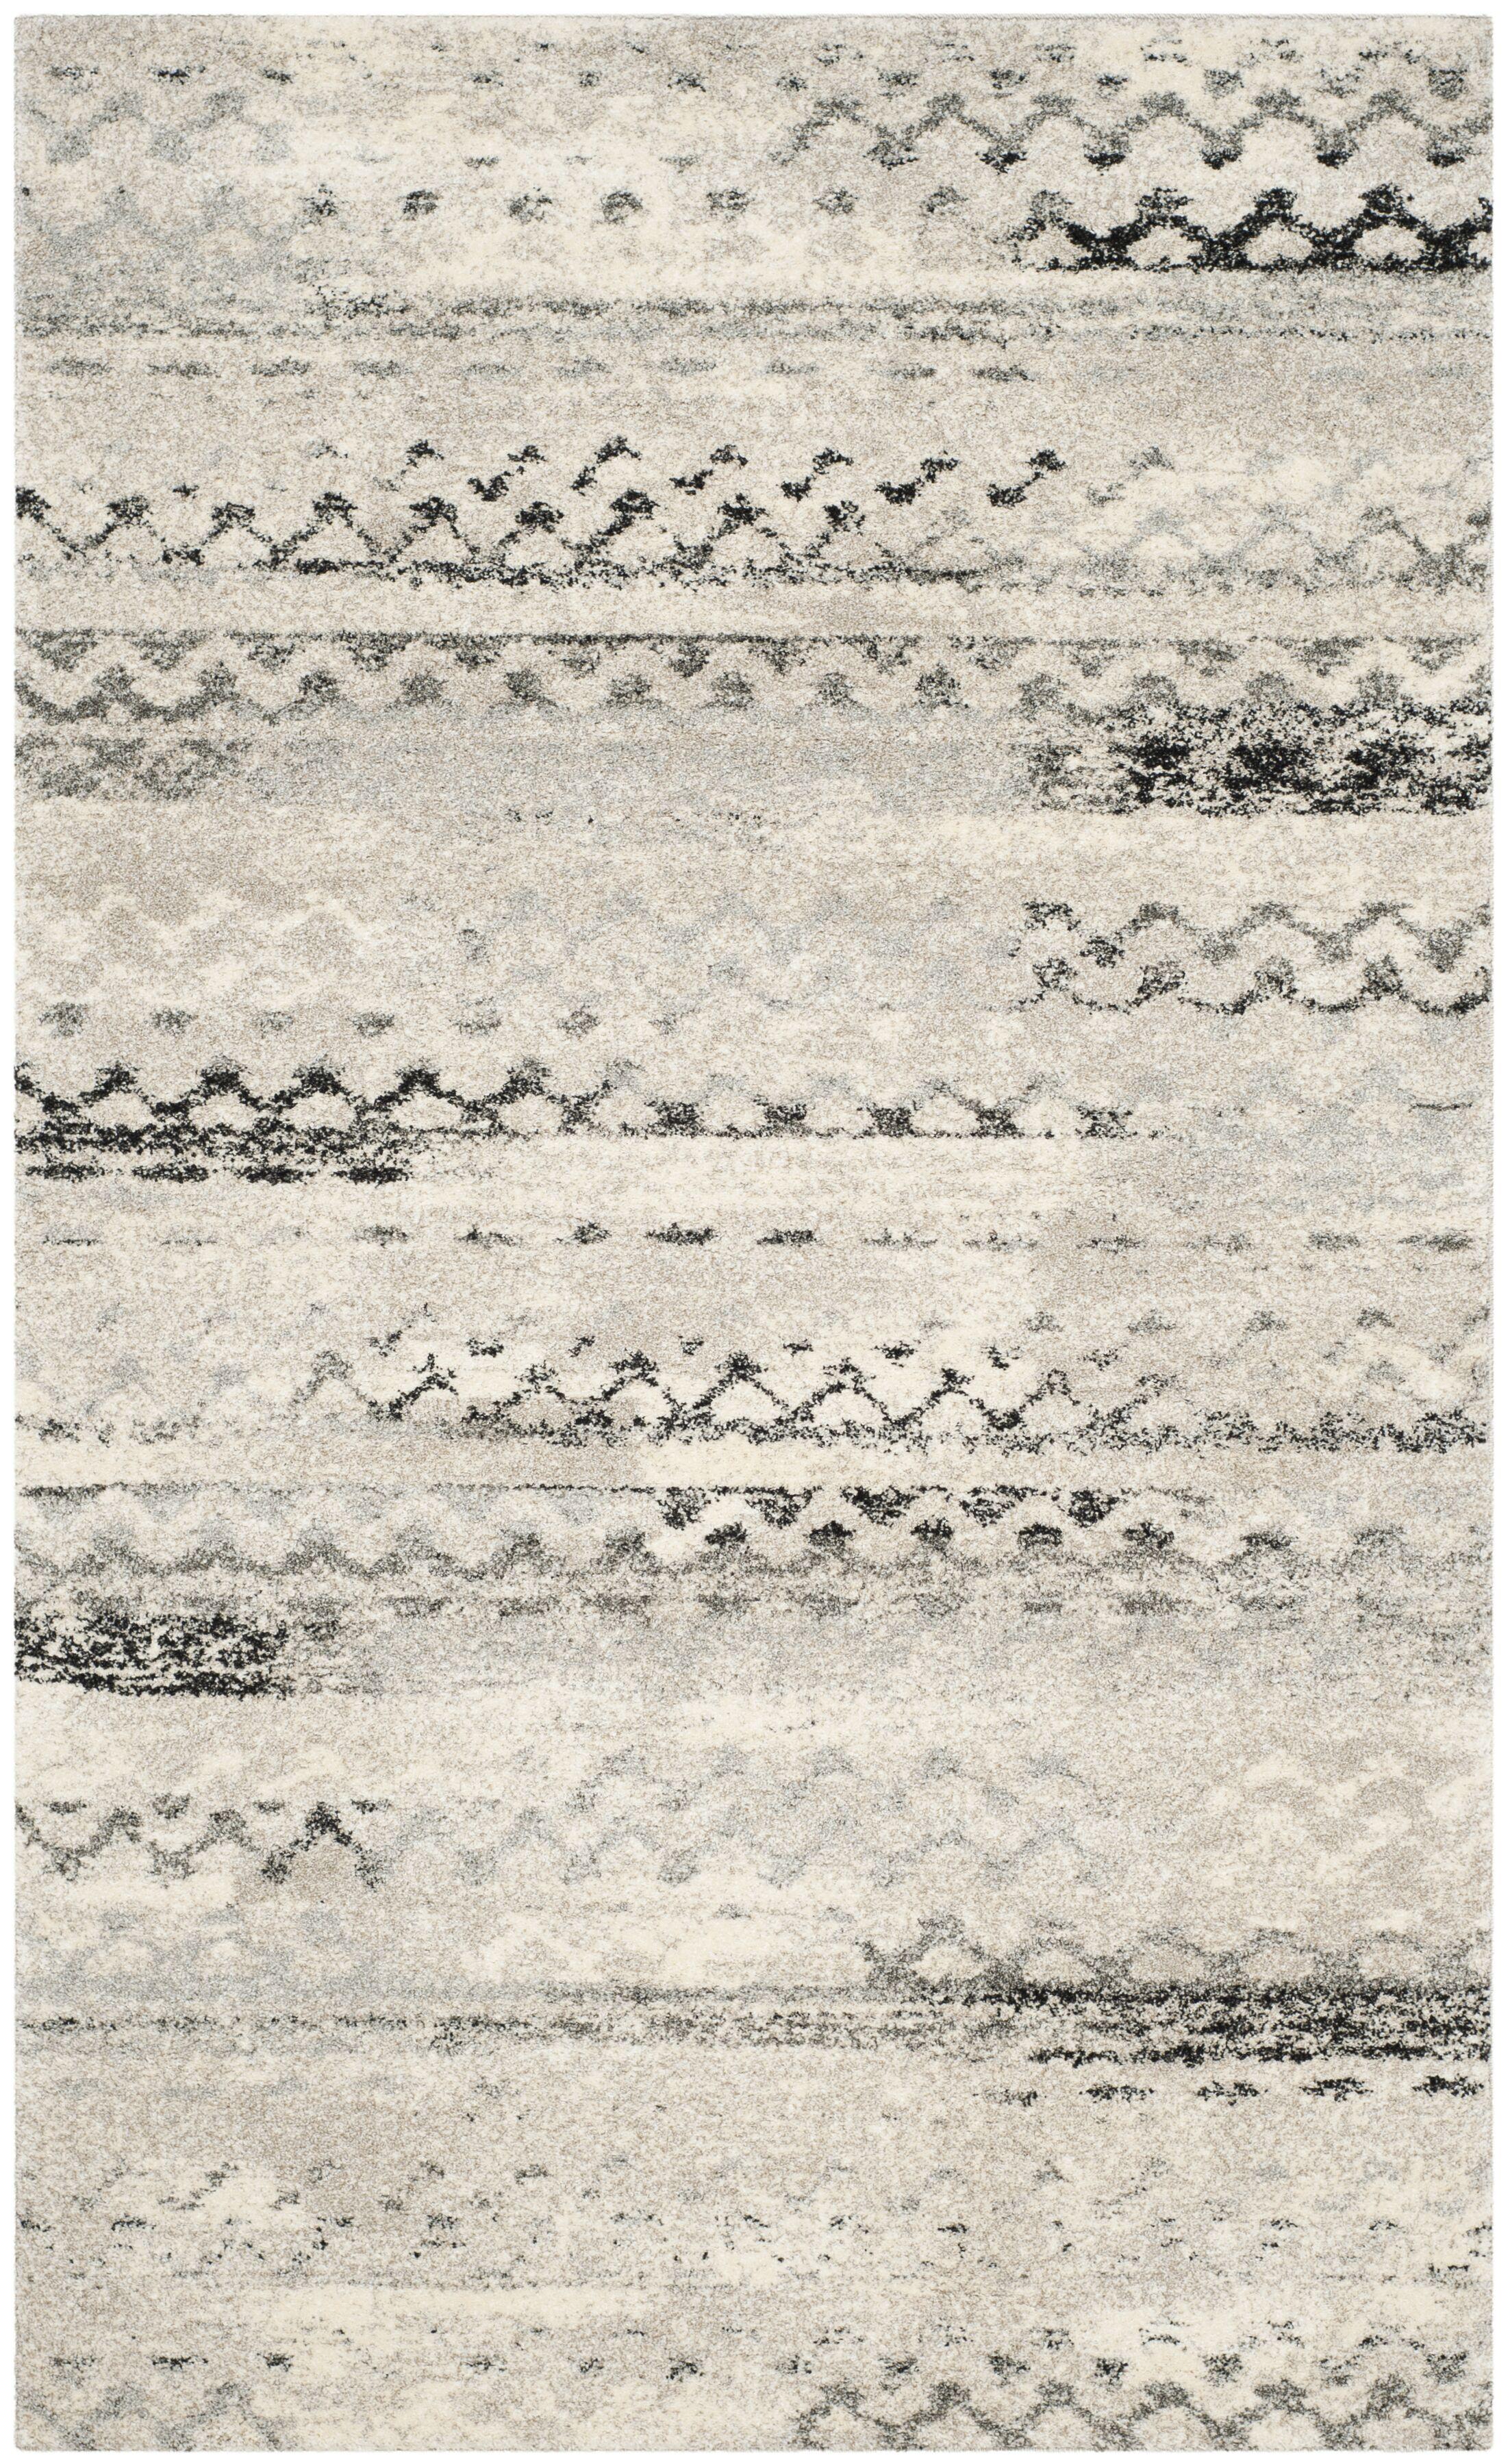 Sabang Cream / Gray Area Rug Rug Size: Rectangle 5' x 8'